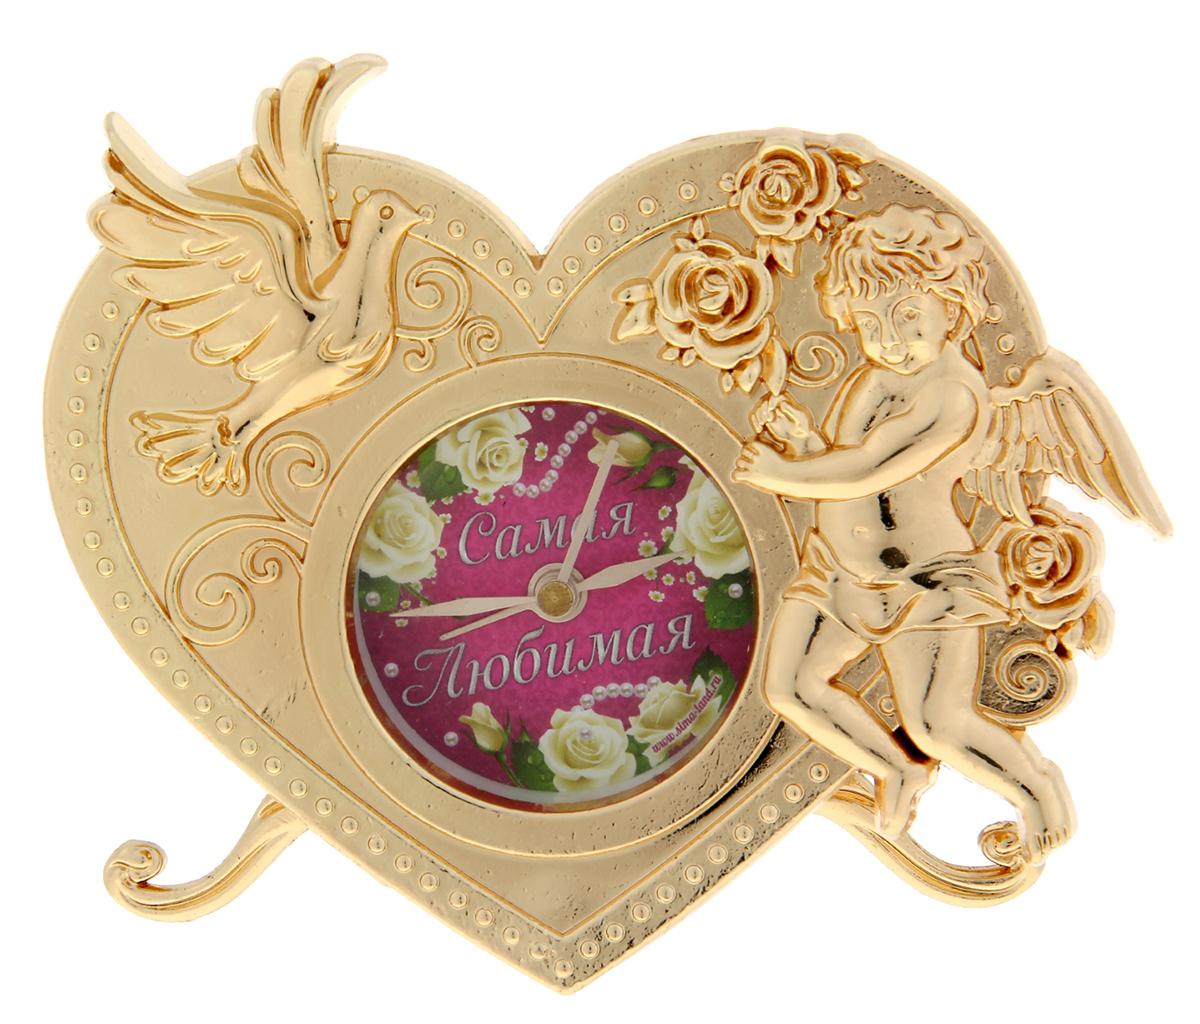 Часы Самая любимая, 11 х 9 см. 906874906874Часы Самая любимая - это олицетворение неповторимой грации в декоративном элементе интерьера. Они придутся по душе натурам романтичным и нежным, предпочитающим необычные детали в оформлении дома. Символы любви – голубь и Купидон – придают изделию неповторимый шарм. Часы выполнены из металла c ярким циферблатом, располагаясь на прочных ножках, и работают от батареек LR44 (не входят в комплект). Кроме того, они включают функцию будильника, что делает их не только красивыми, но и полезными. Теперь вы ни за что не проспите важное событие и будете встречать каждый новый день с улыбкой!